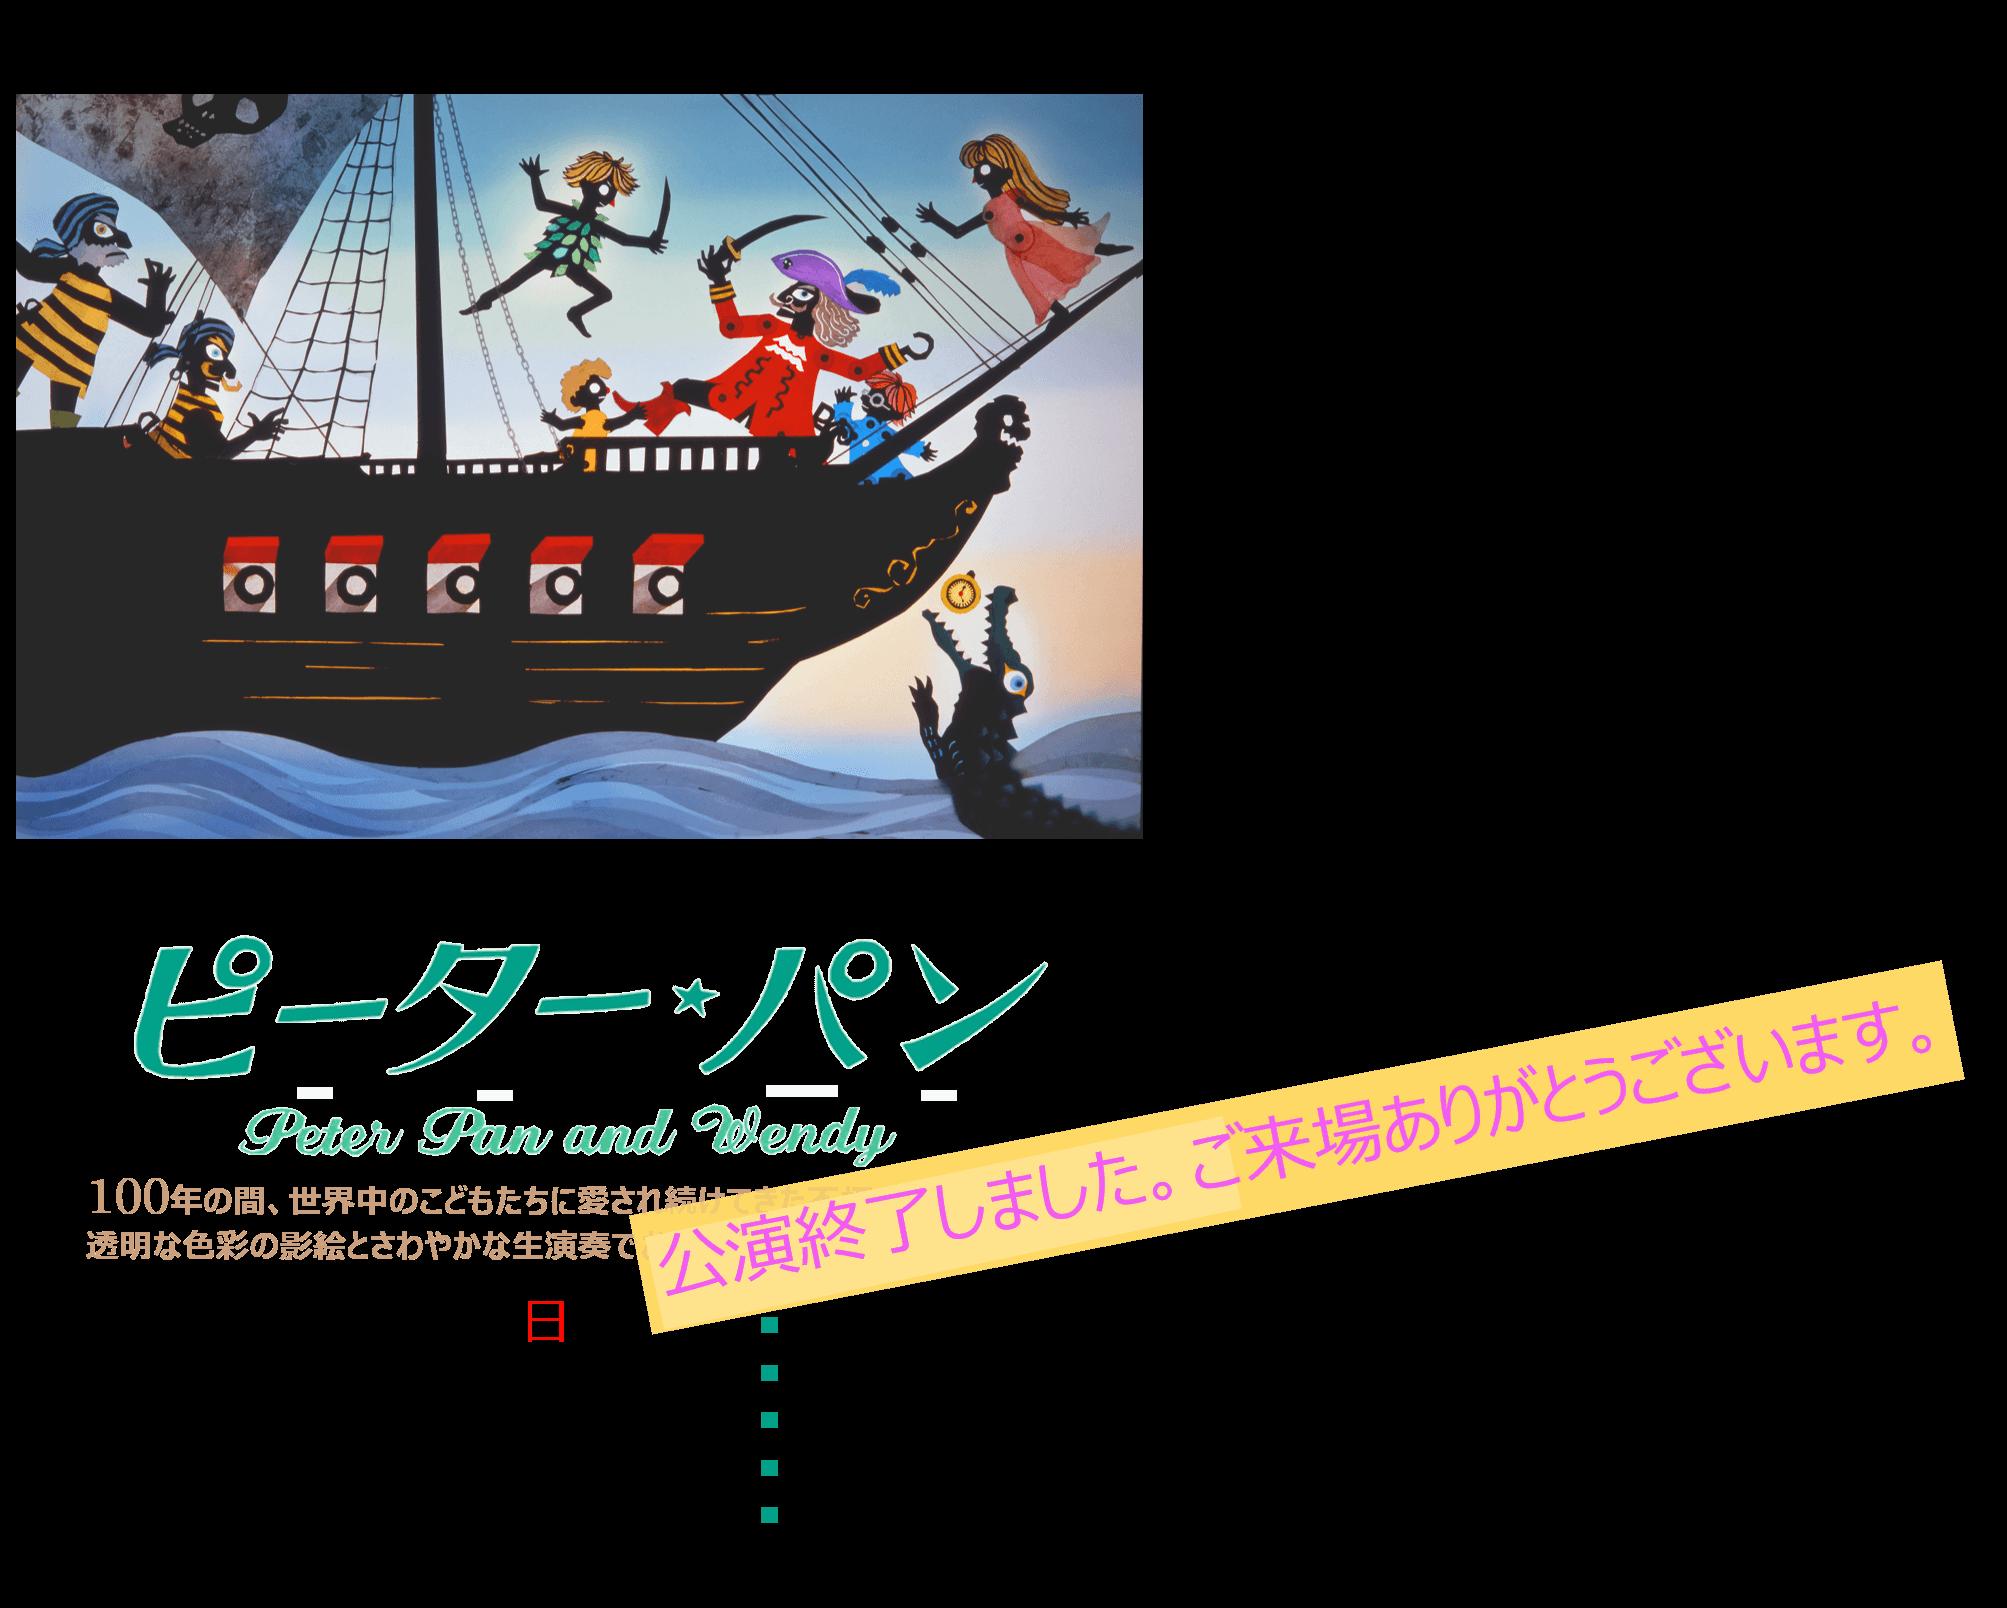 鉾田 公演終了 (1)